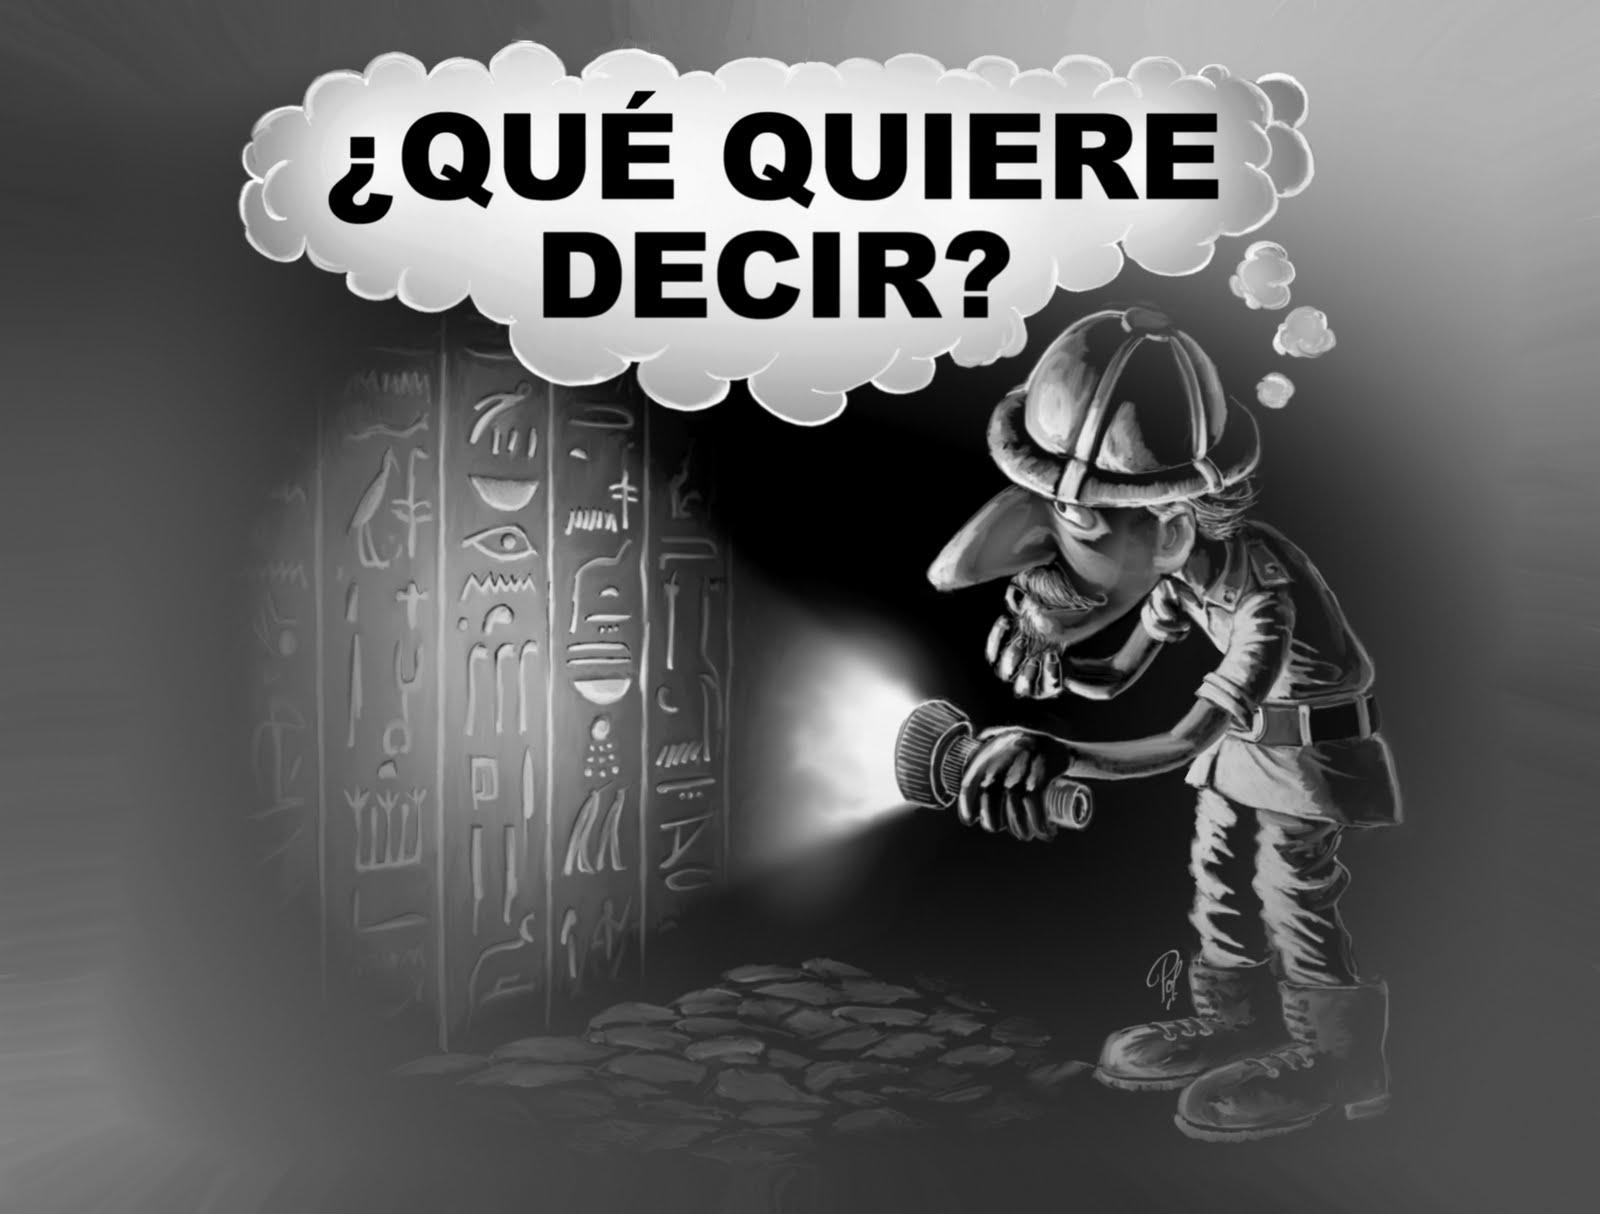 Cna En Espanol Tfc